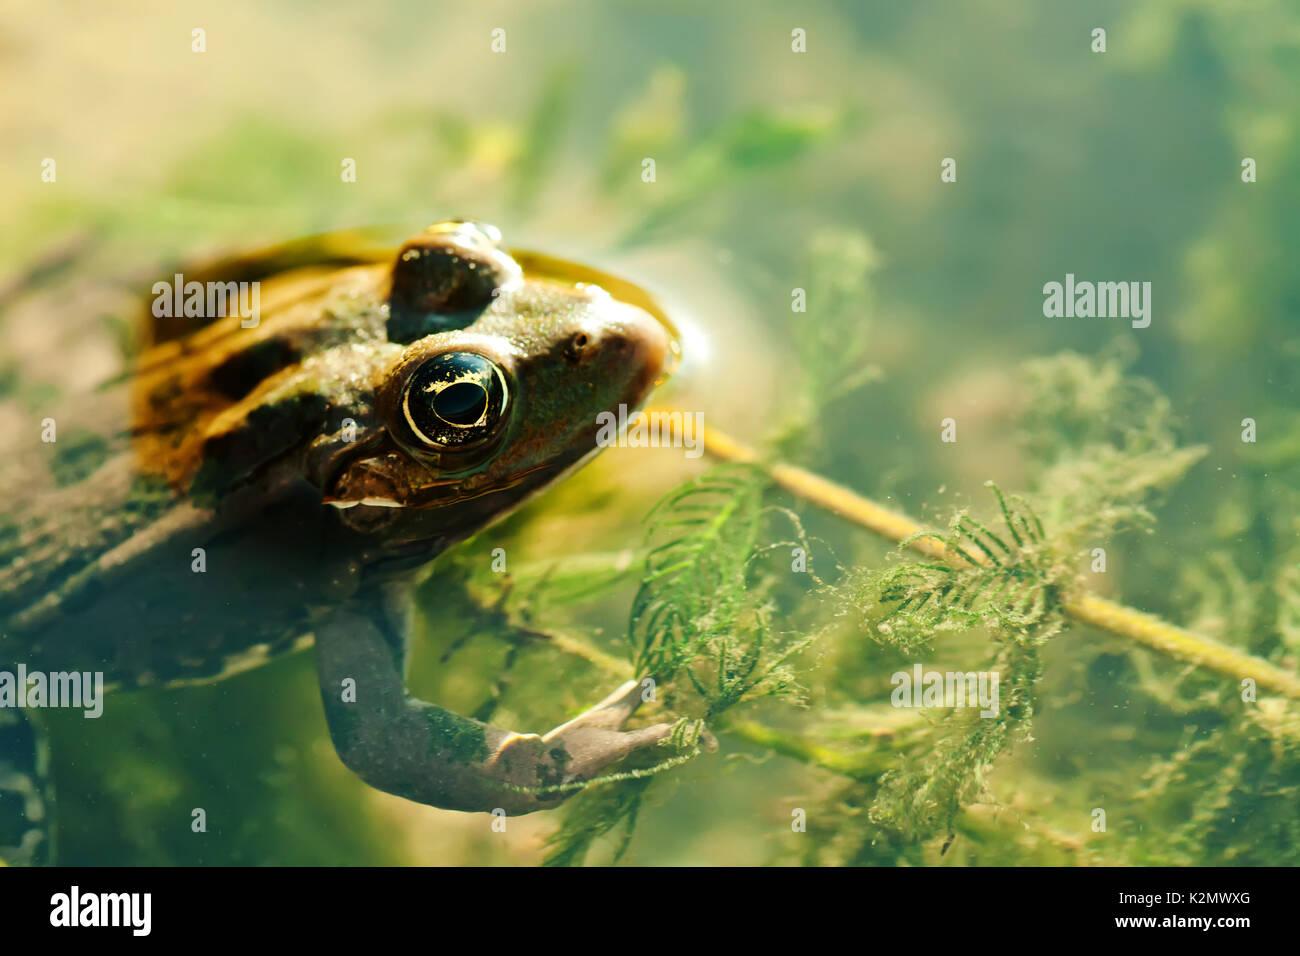 Natürlicher Lebensraum schwimmen Green frog Marsh, braun Camouflage amphibian Pelophylax ridibundus. Die Aussicht, selektiver Fokus, Fluss floral background Stockbild